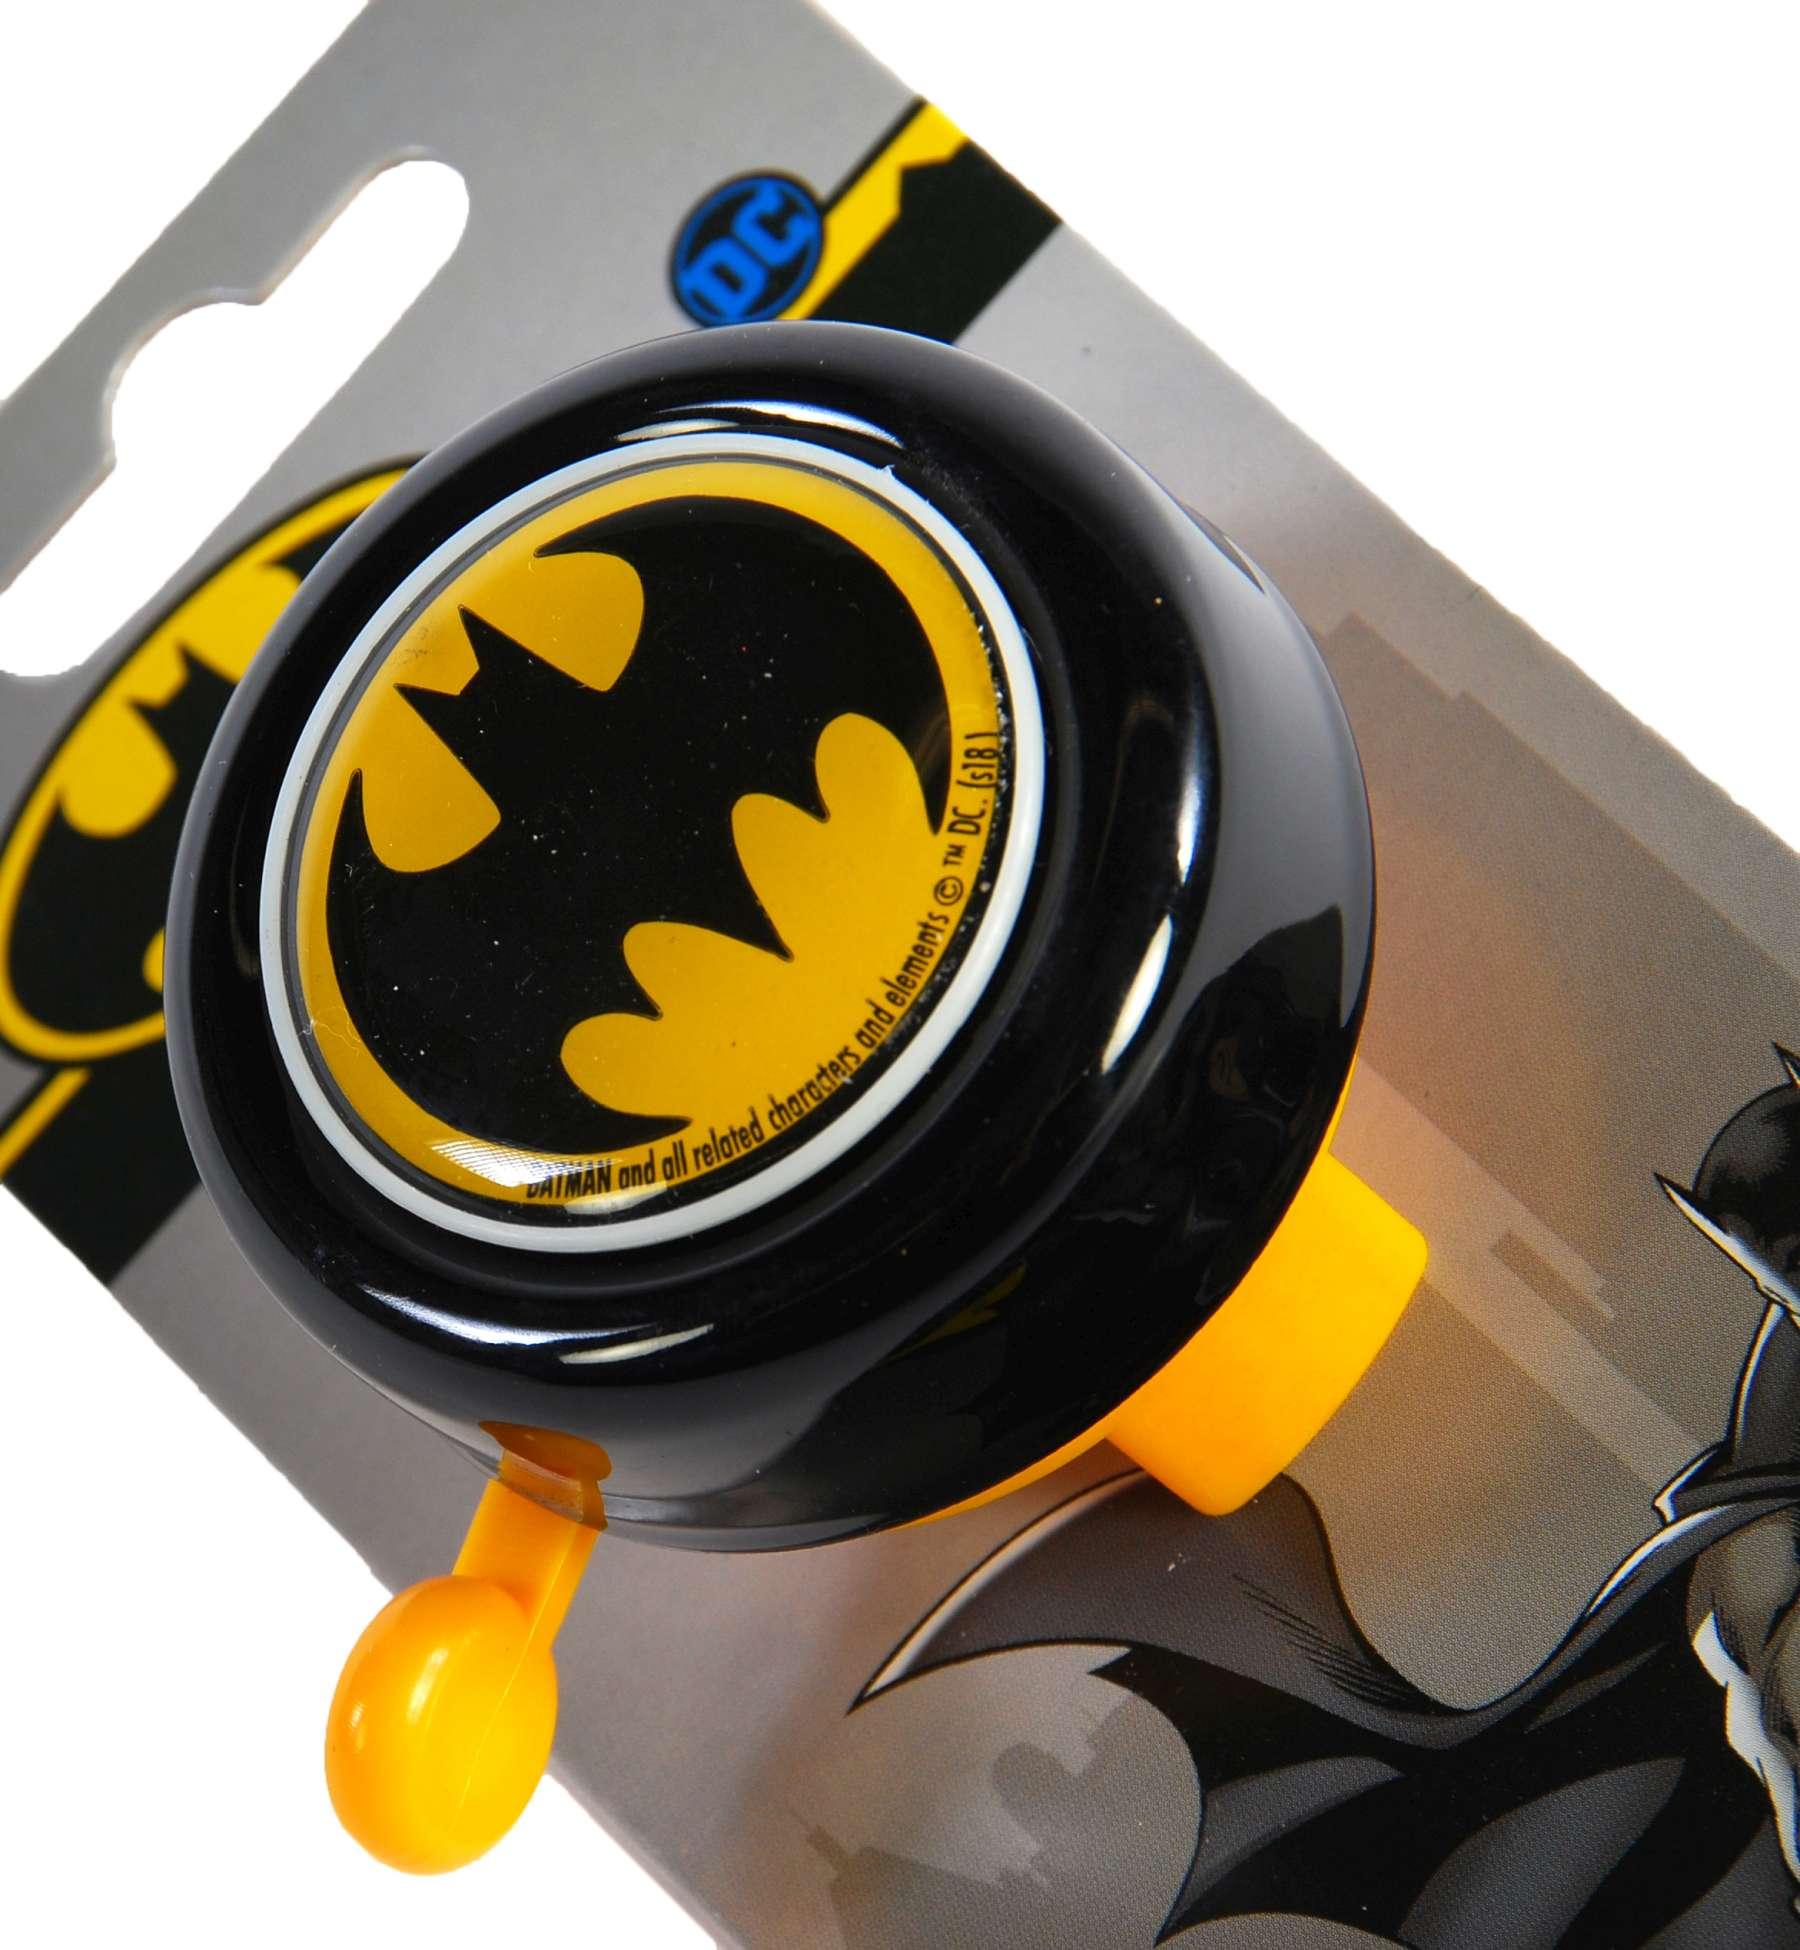 Timbre de bicicleta Batman - vista superior